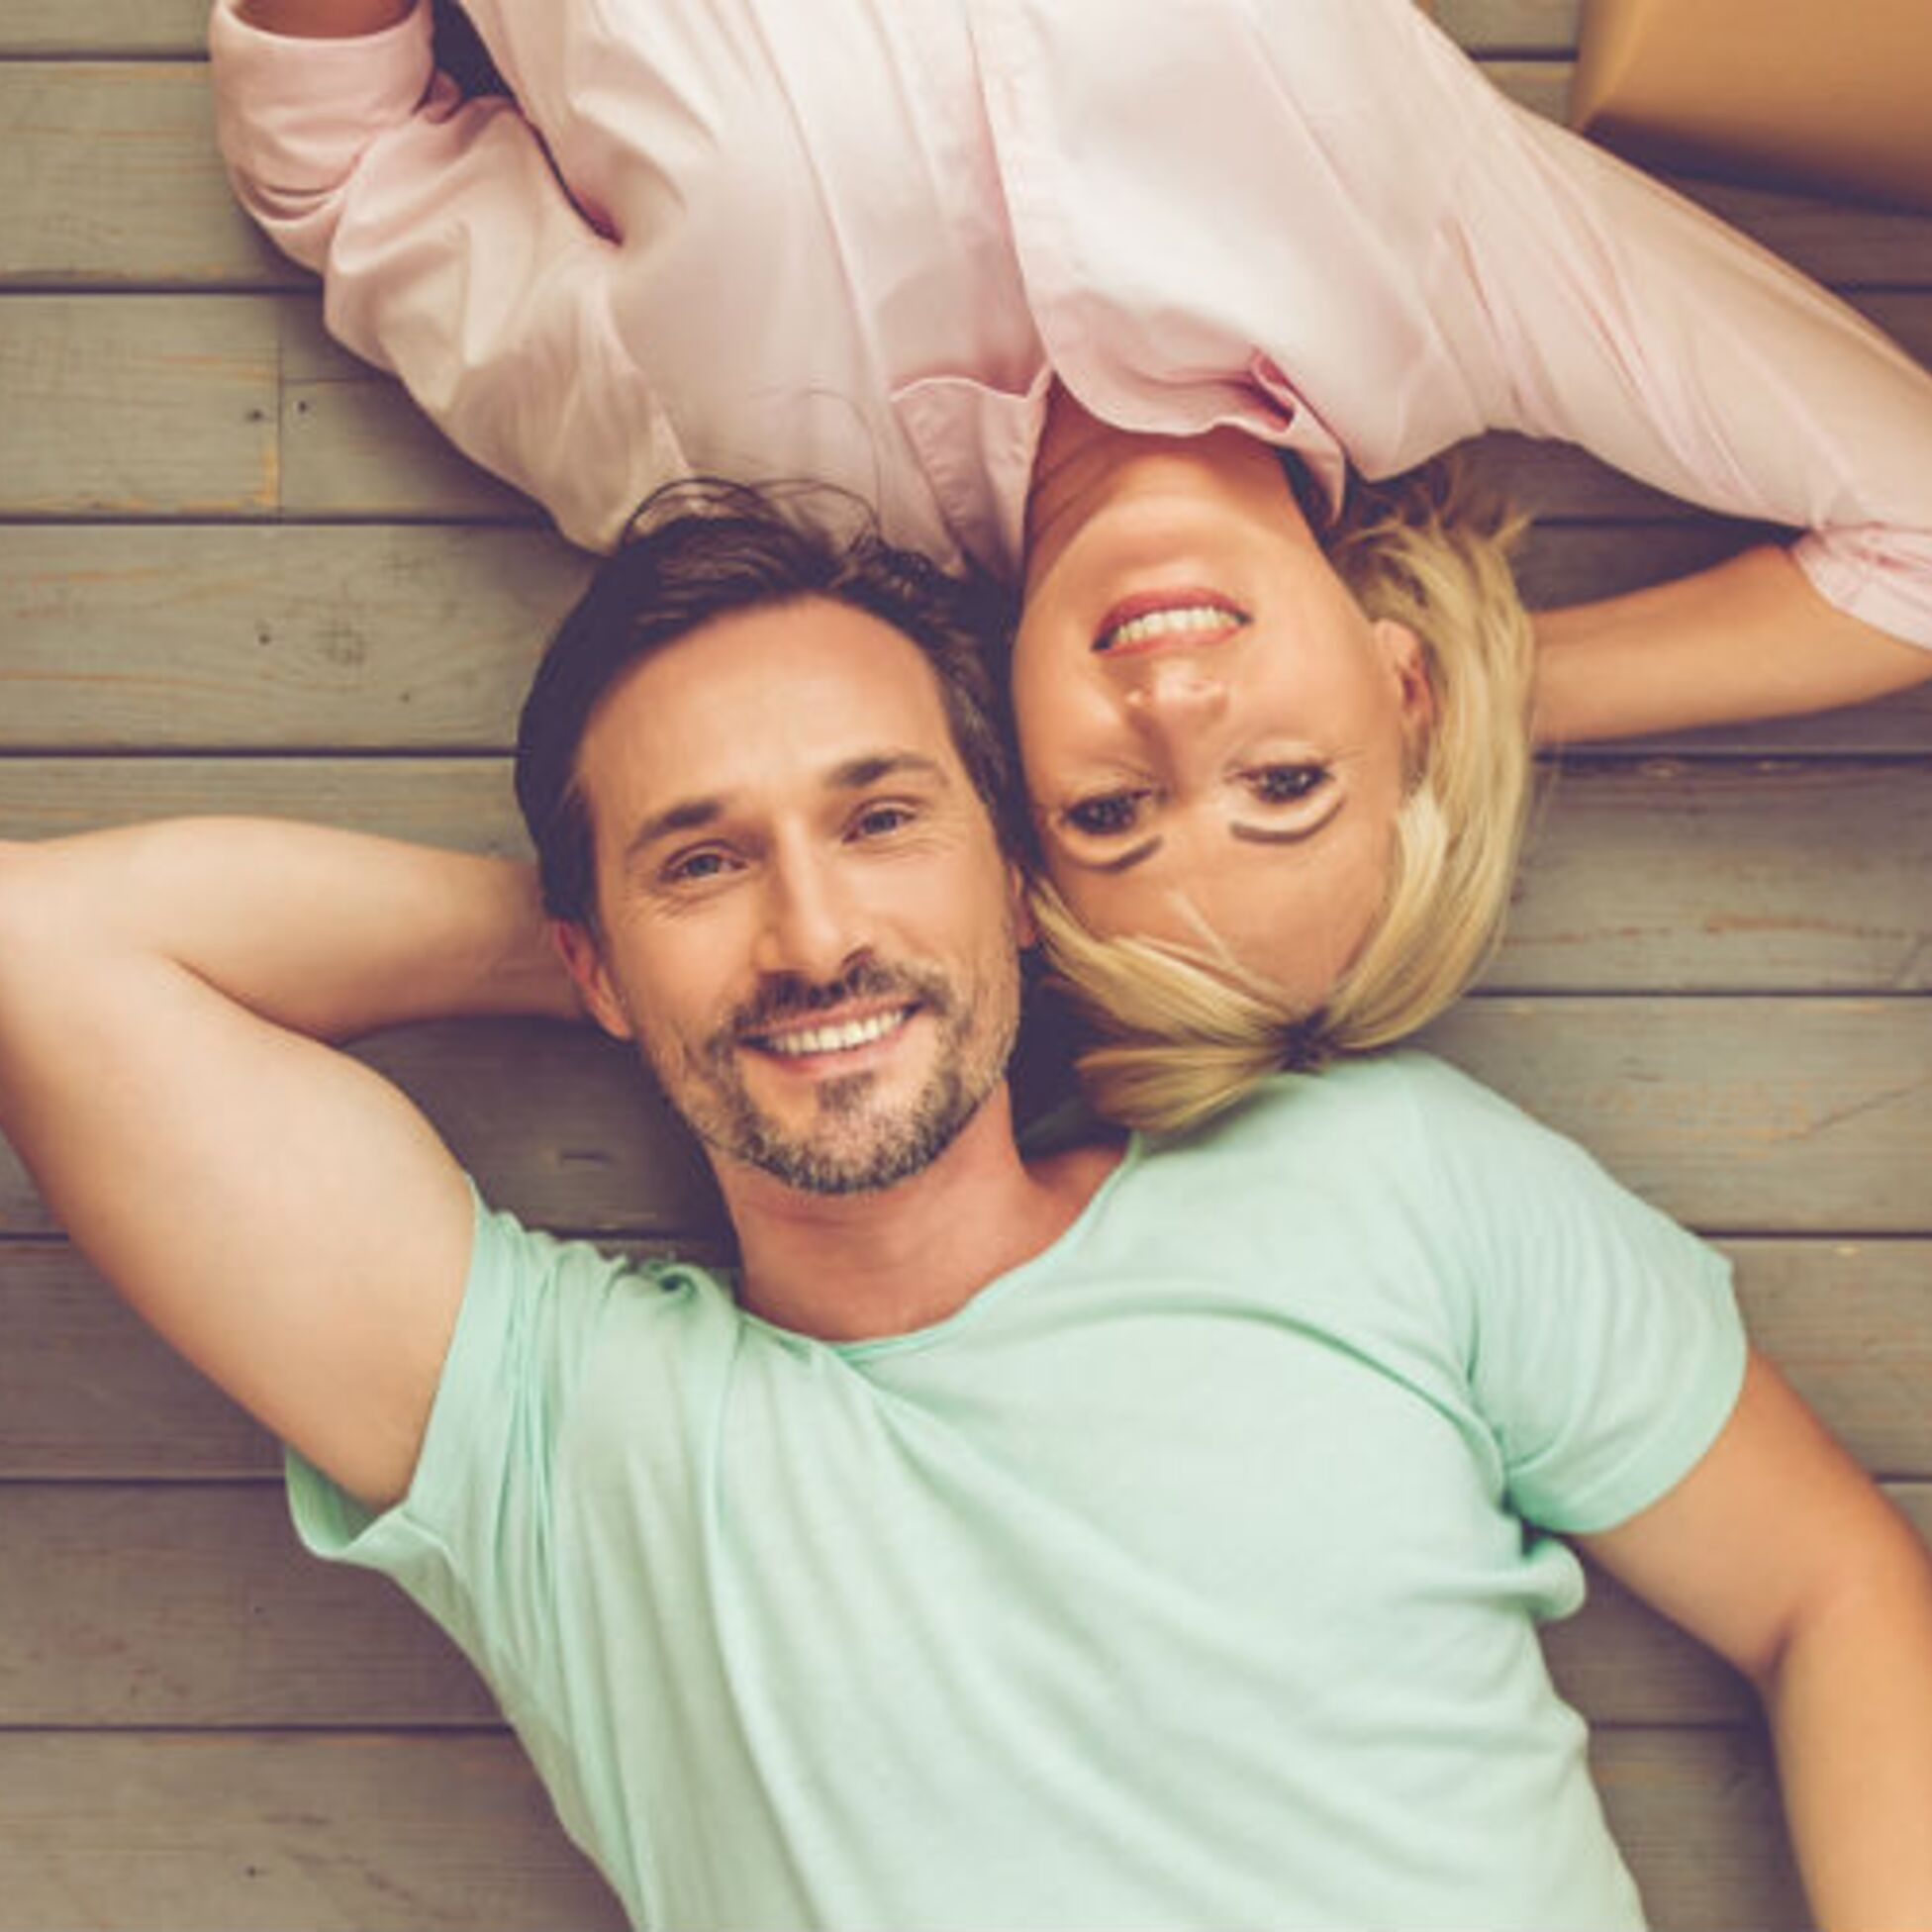 Mann und Frau liegen zwischen Umzugskartons auf dem Fußboden und schauen lächelnd nach oben